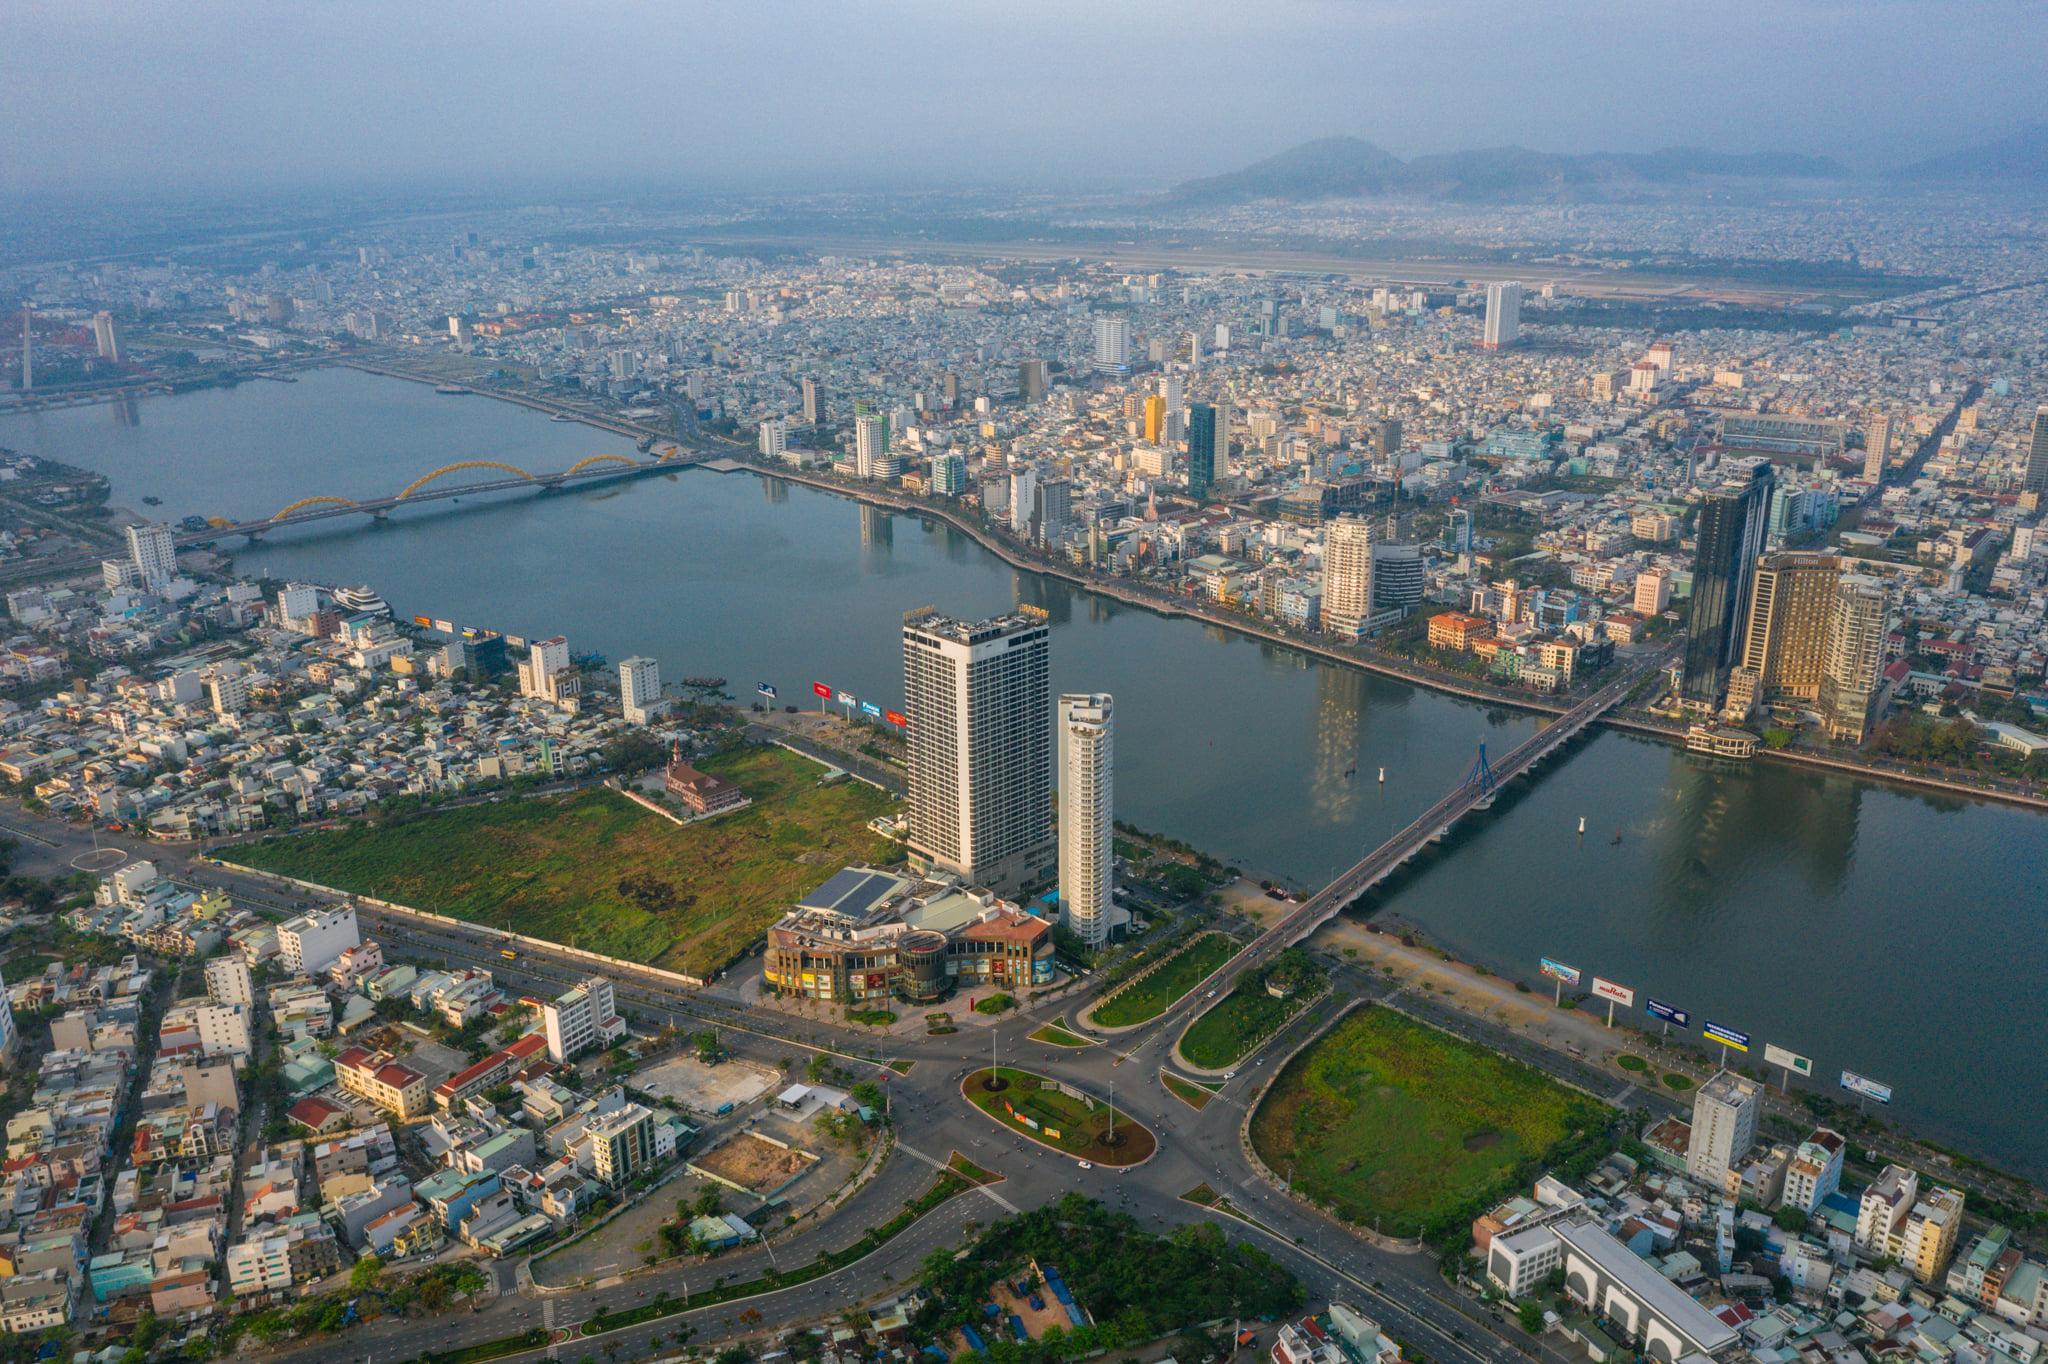 Đà Nẵng sẽ trở thành đô thị thông minh với loạt dự án trọng điểm - Ảnh 1.